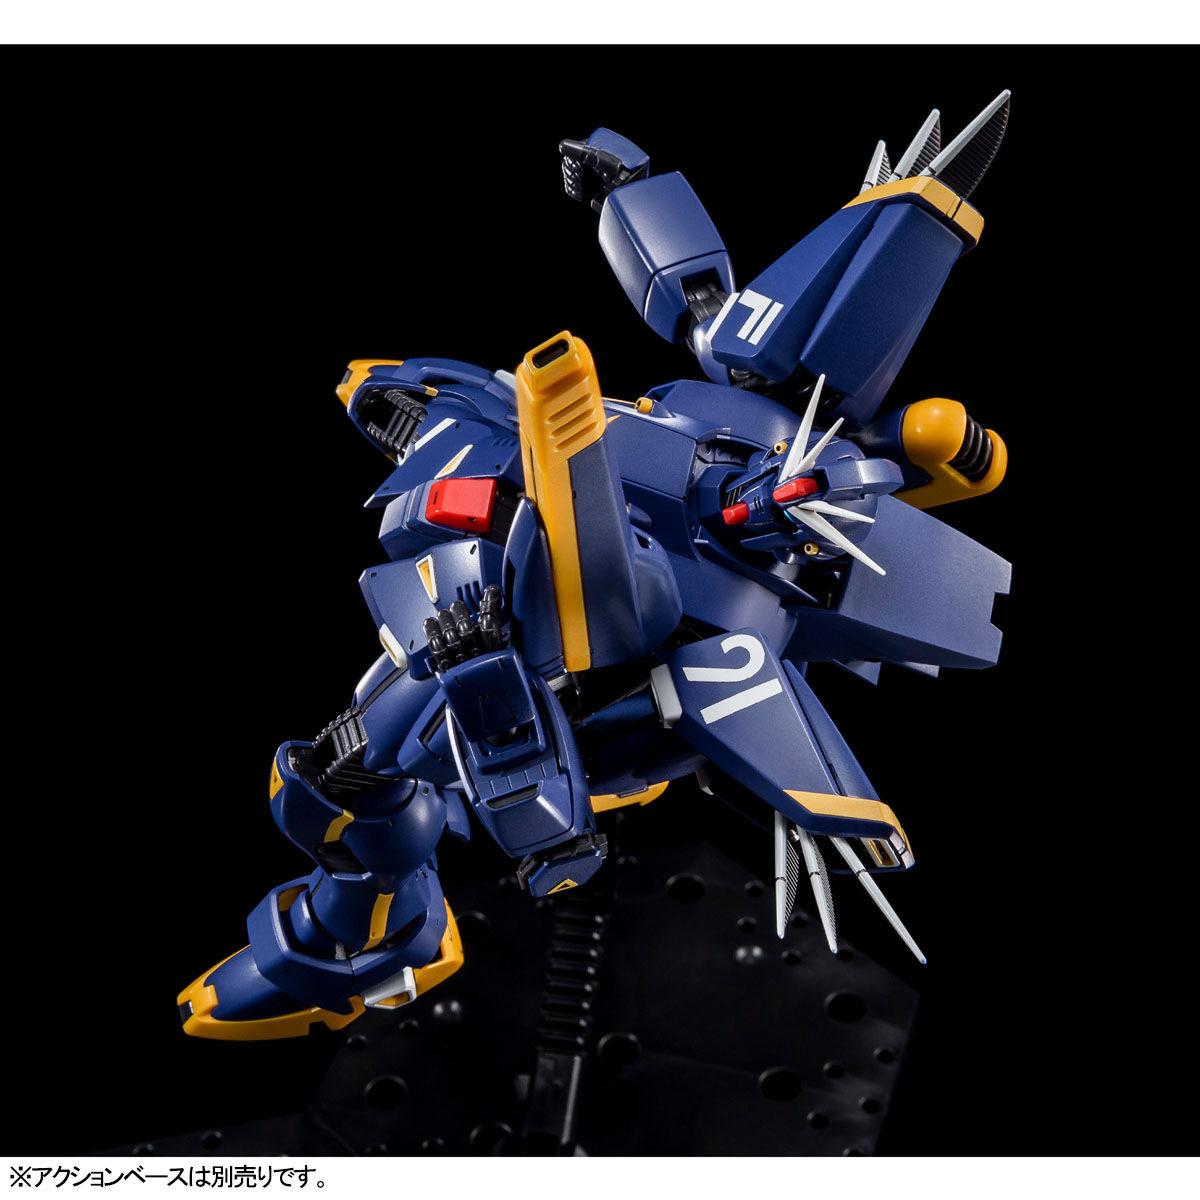 【限定販売】MG 1/100『ガンダムF91 Ver.2.0(ハリソン・マディン専用機)』プラモデル-007